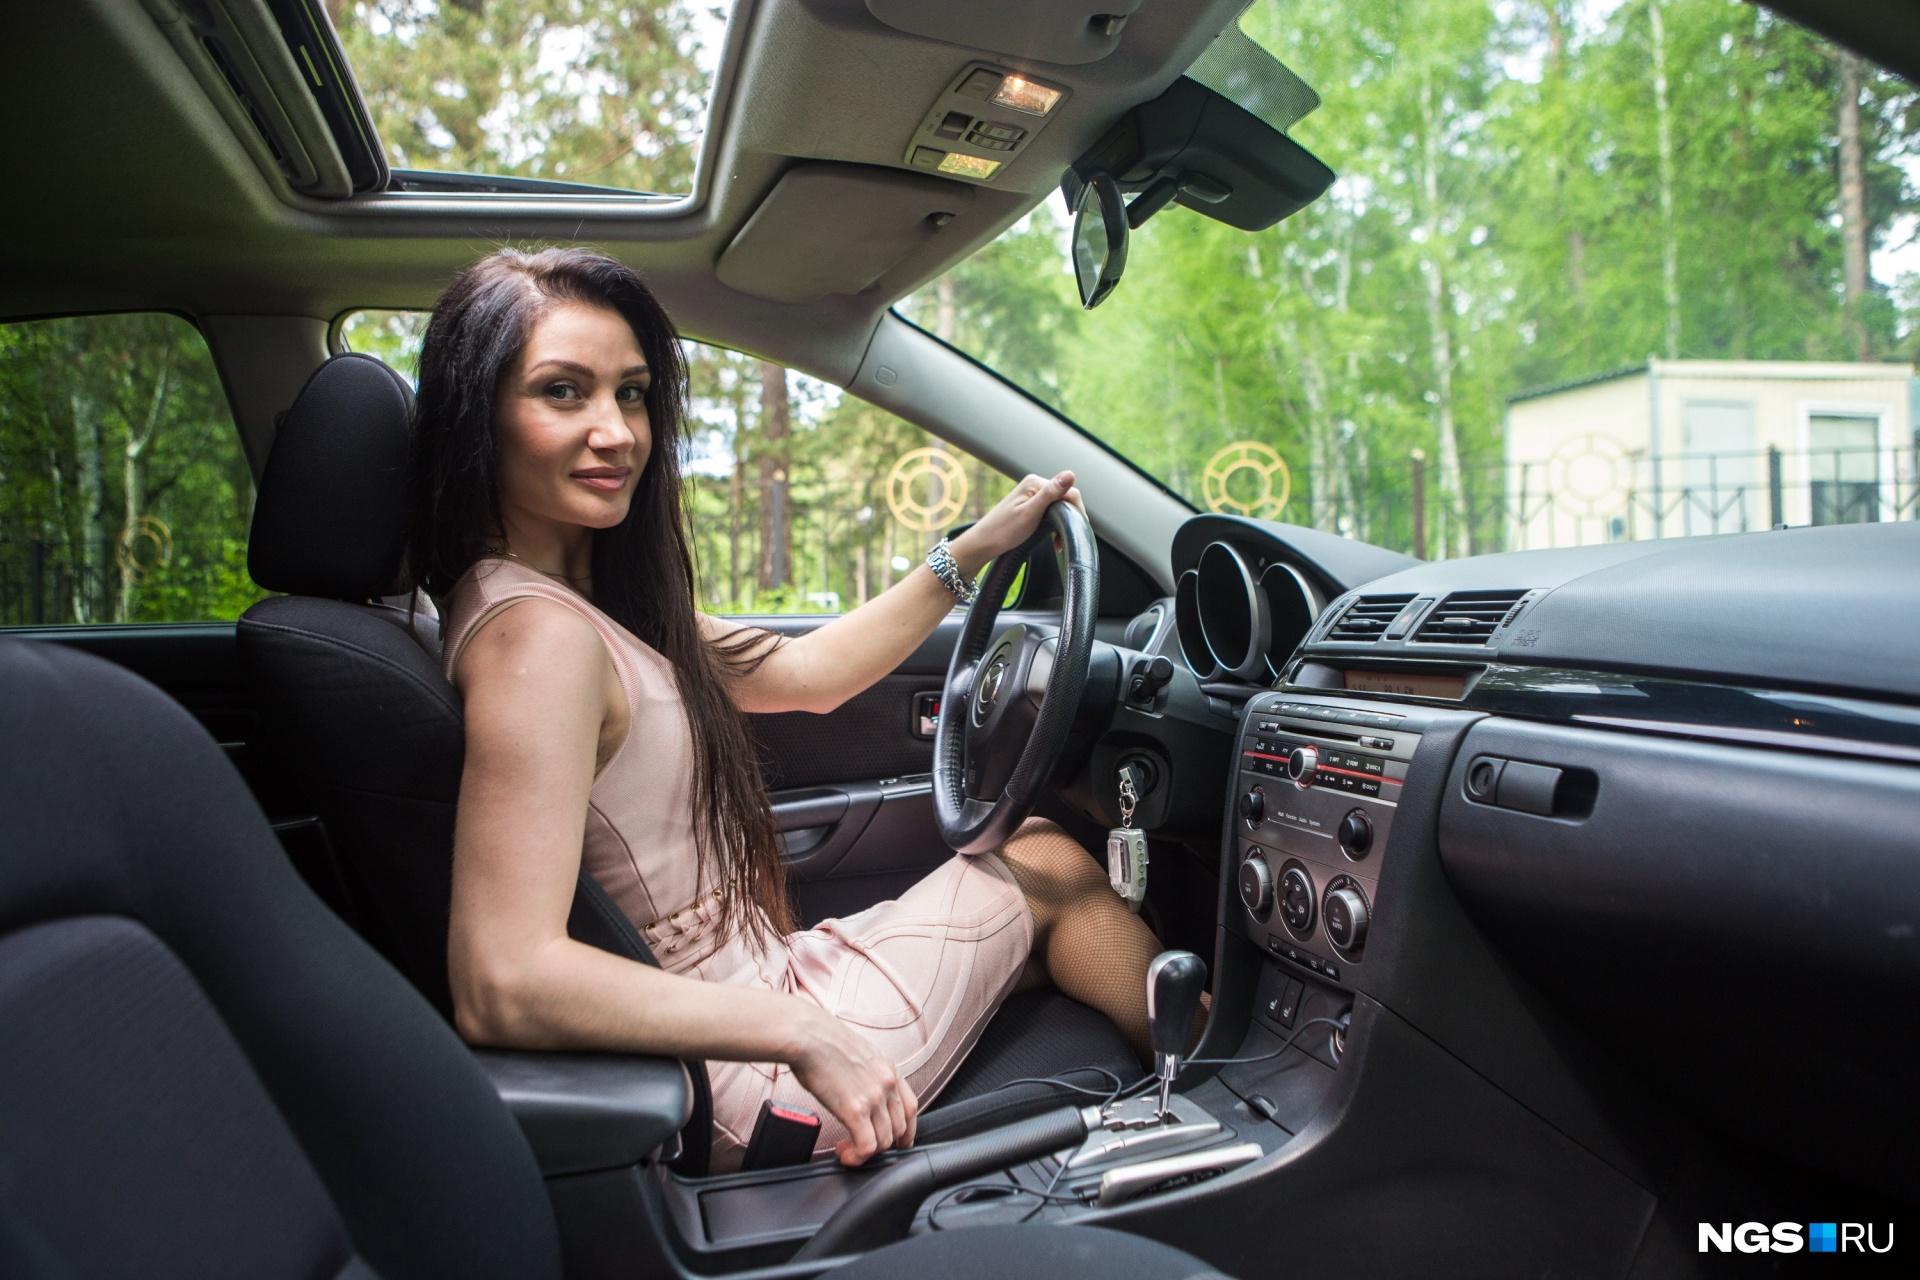 На права Вероника сдала семь лет назад, но водить научилась еще раньше — говорит, любовь к дороге у нее в крови